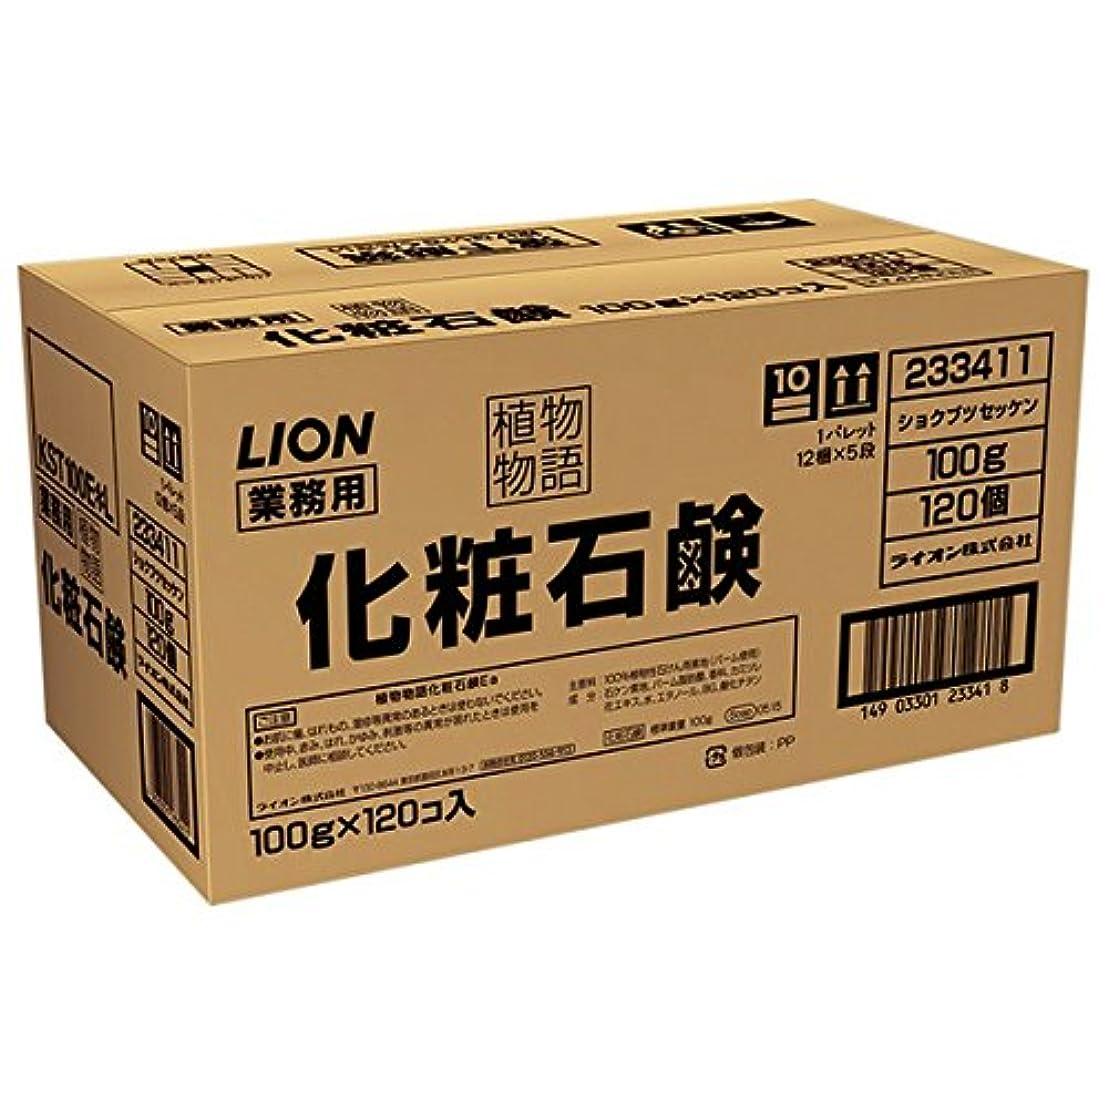 ばかげたスラダムじゃないライオン 植物物語 化粧石鹸 業務用 100g 1箱(120個)